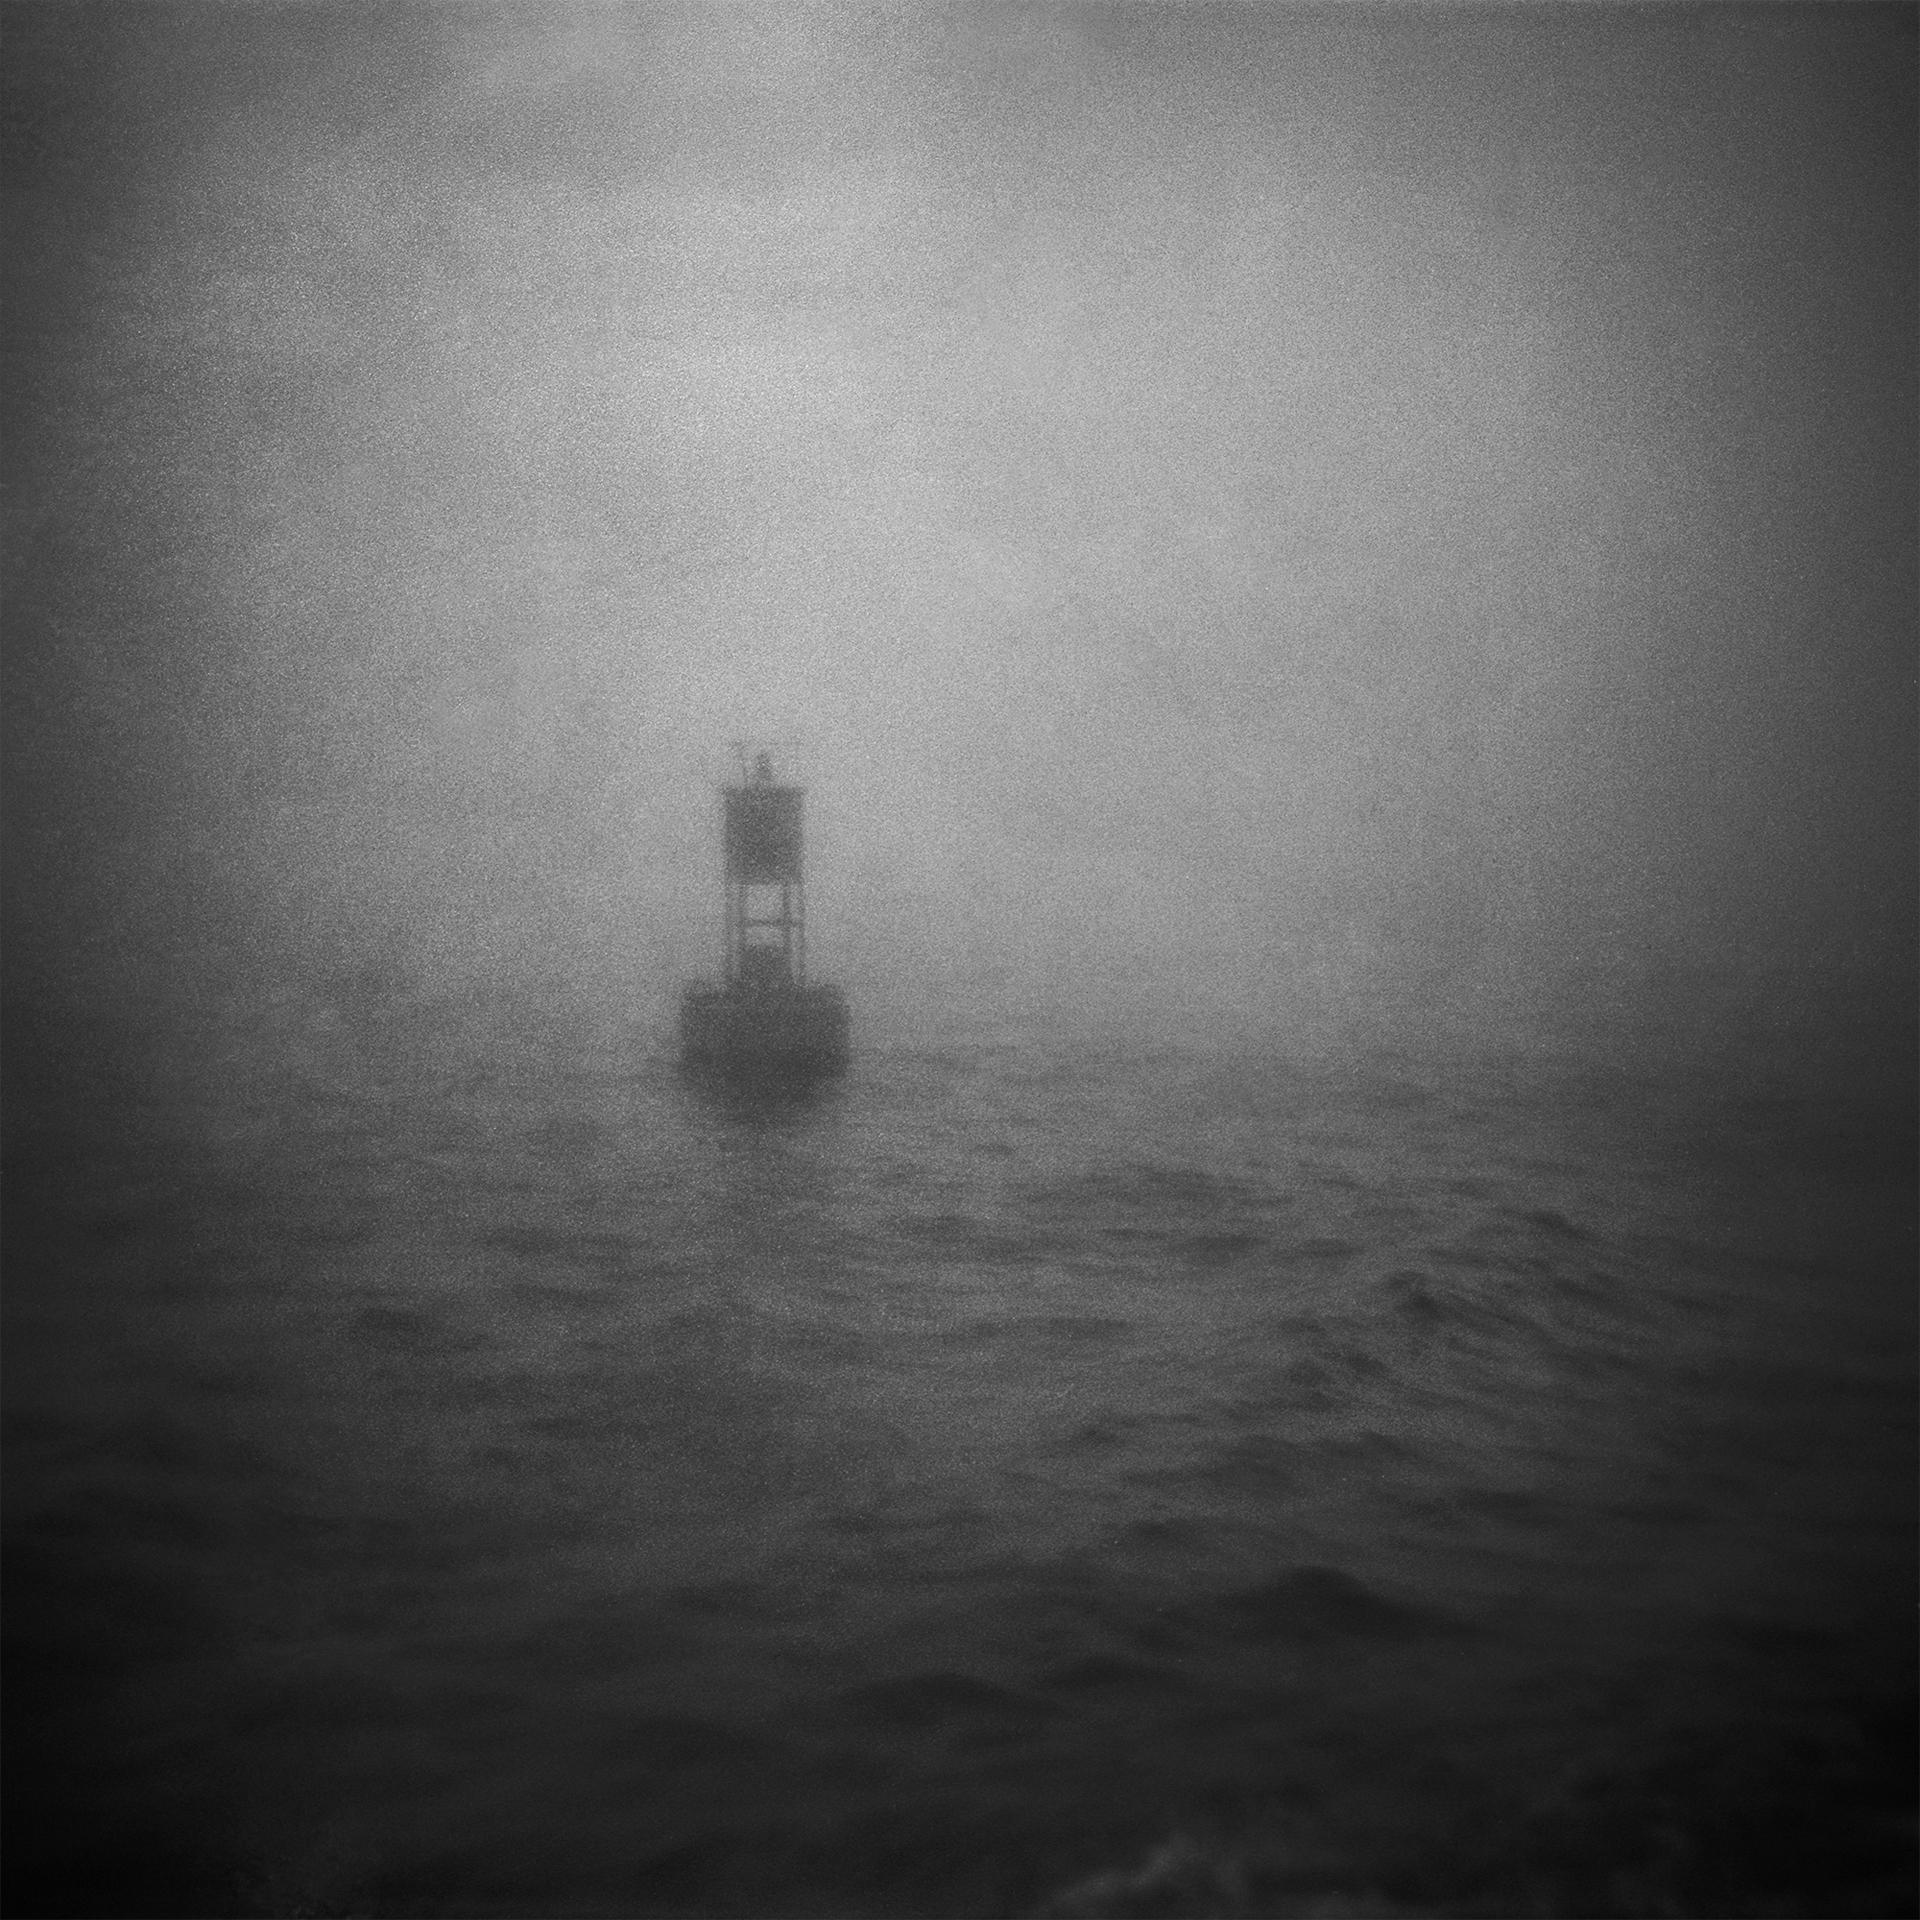 Untitled (buoy in fog), 2010